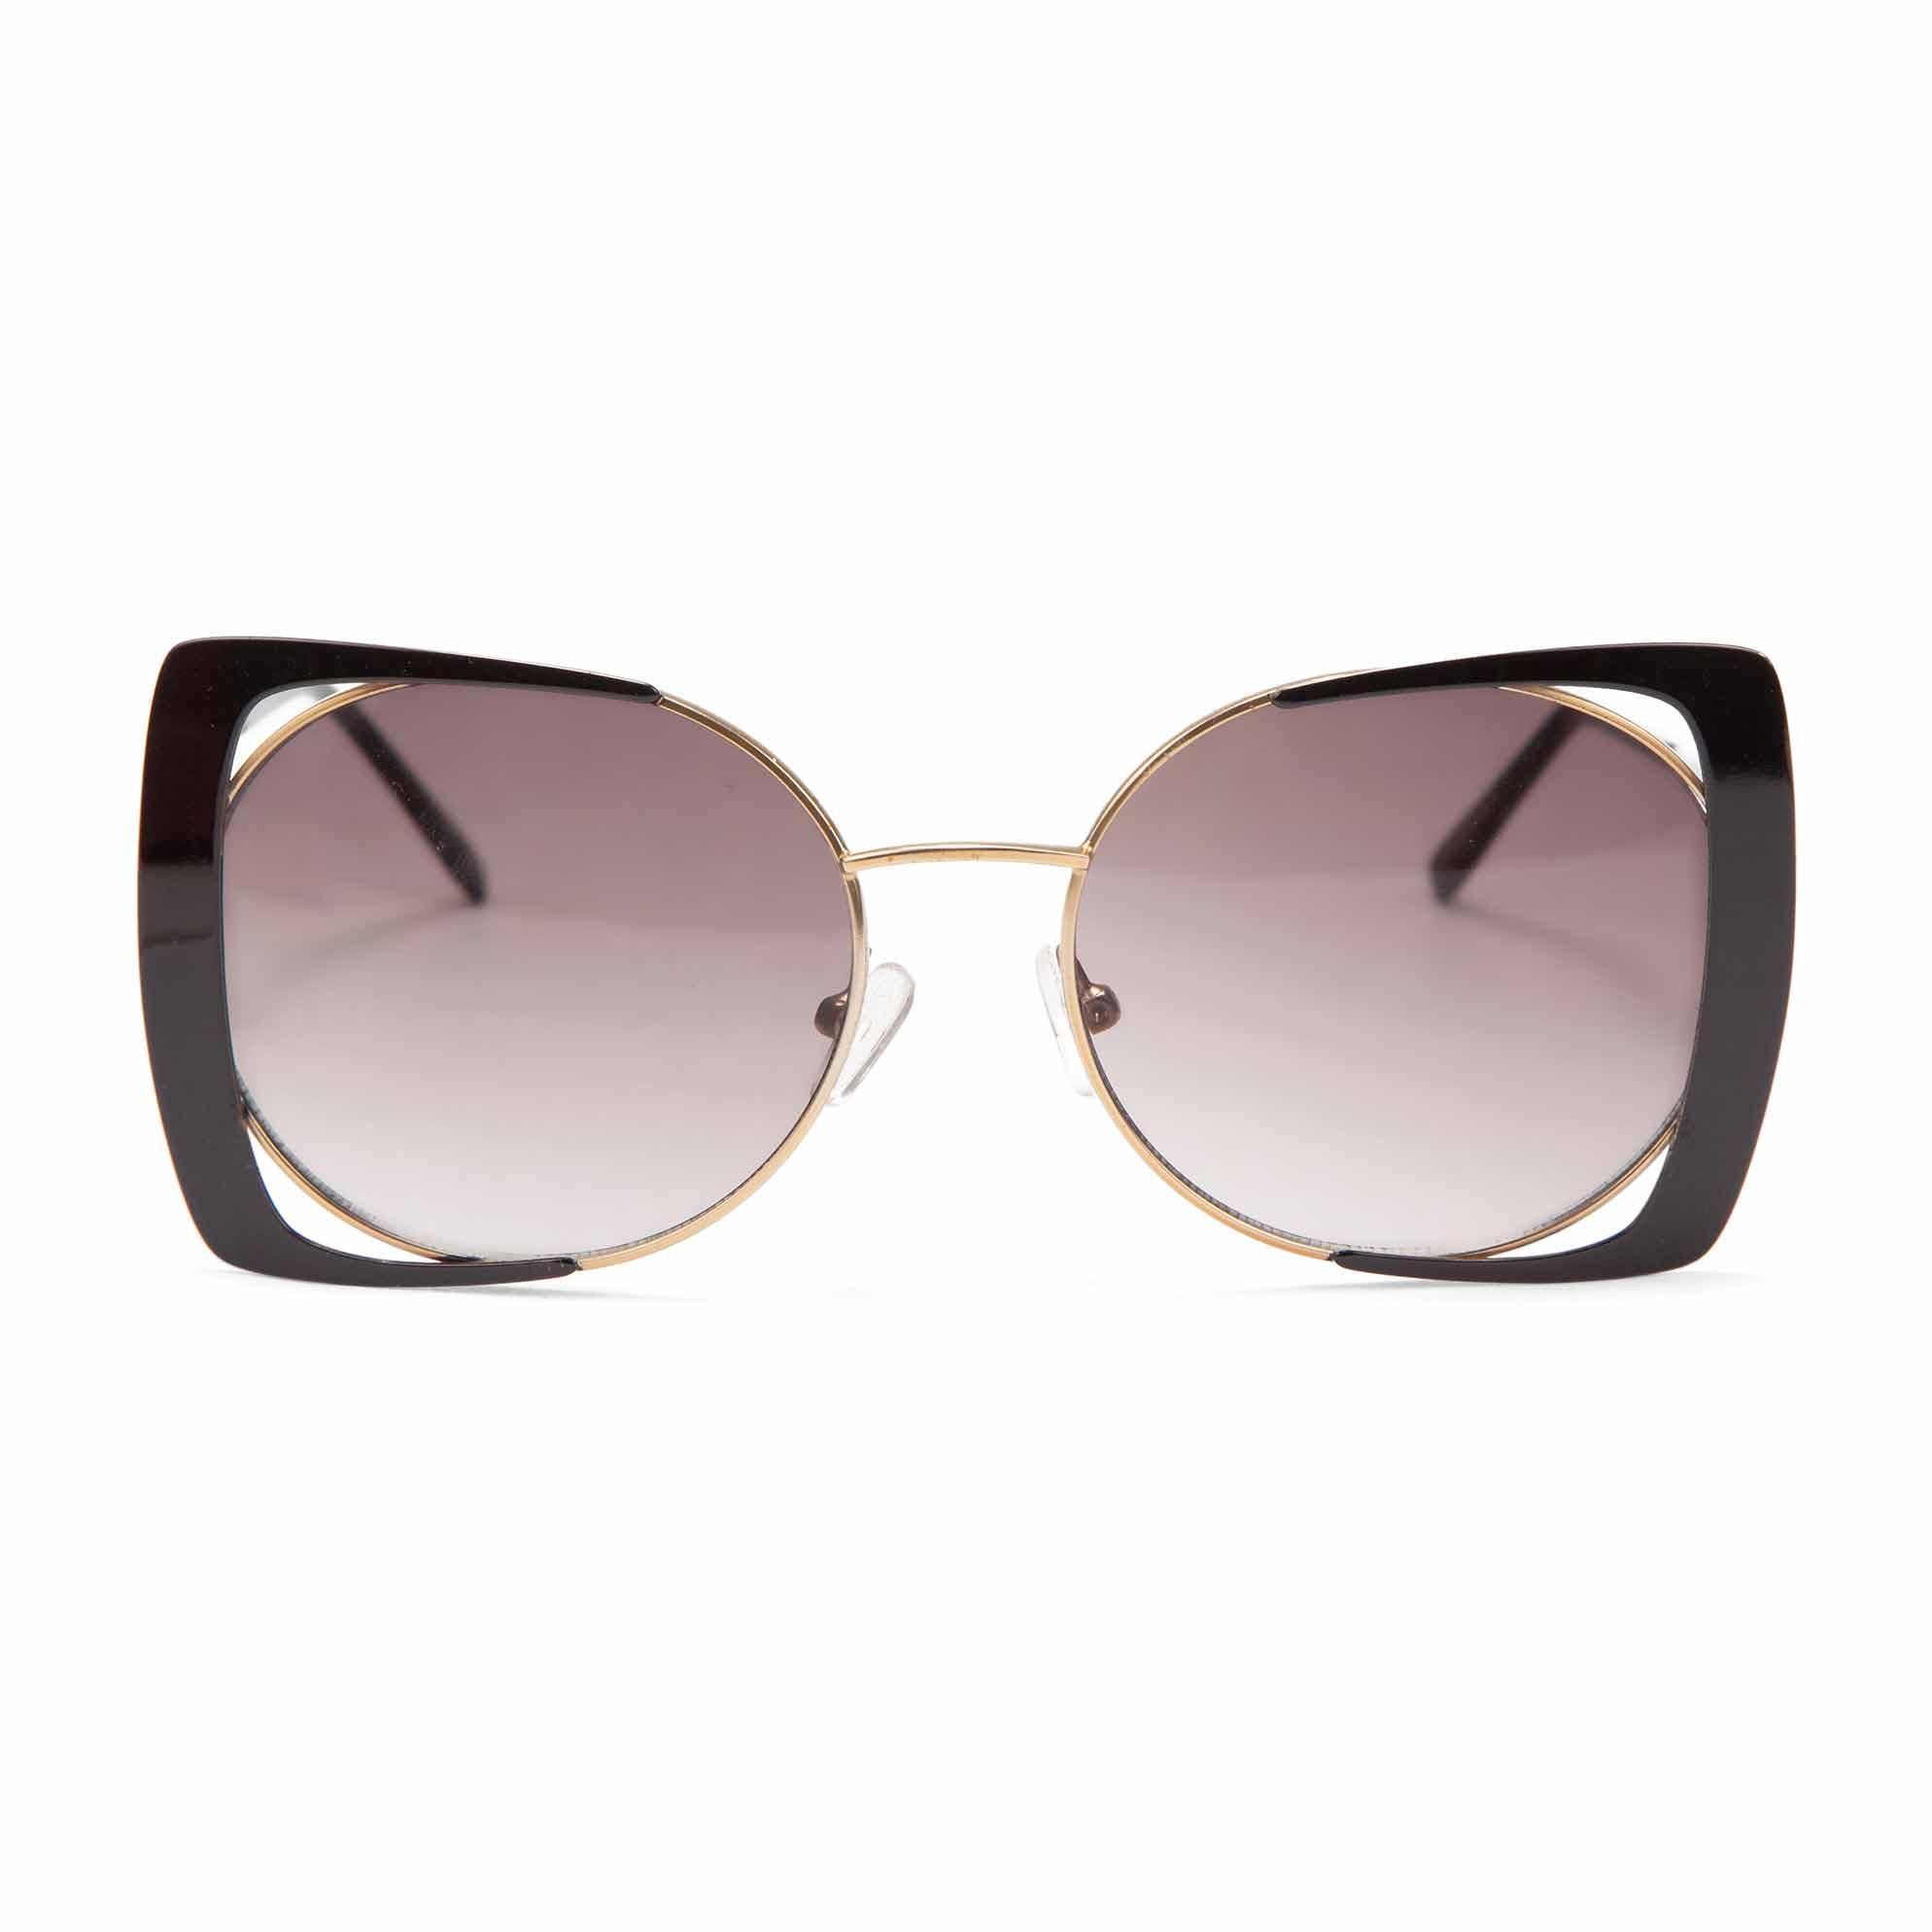 cefe7d4ba54b3 Oculos Butterfly Armacao Vazada Preto - morenarosa